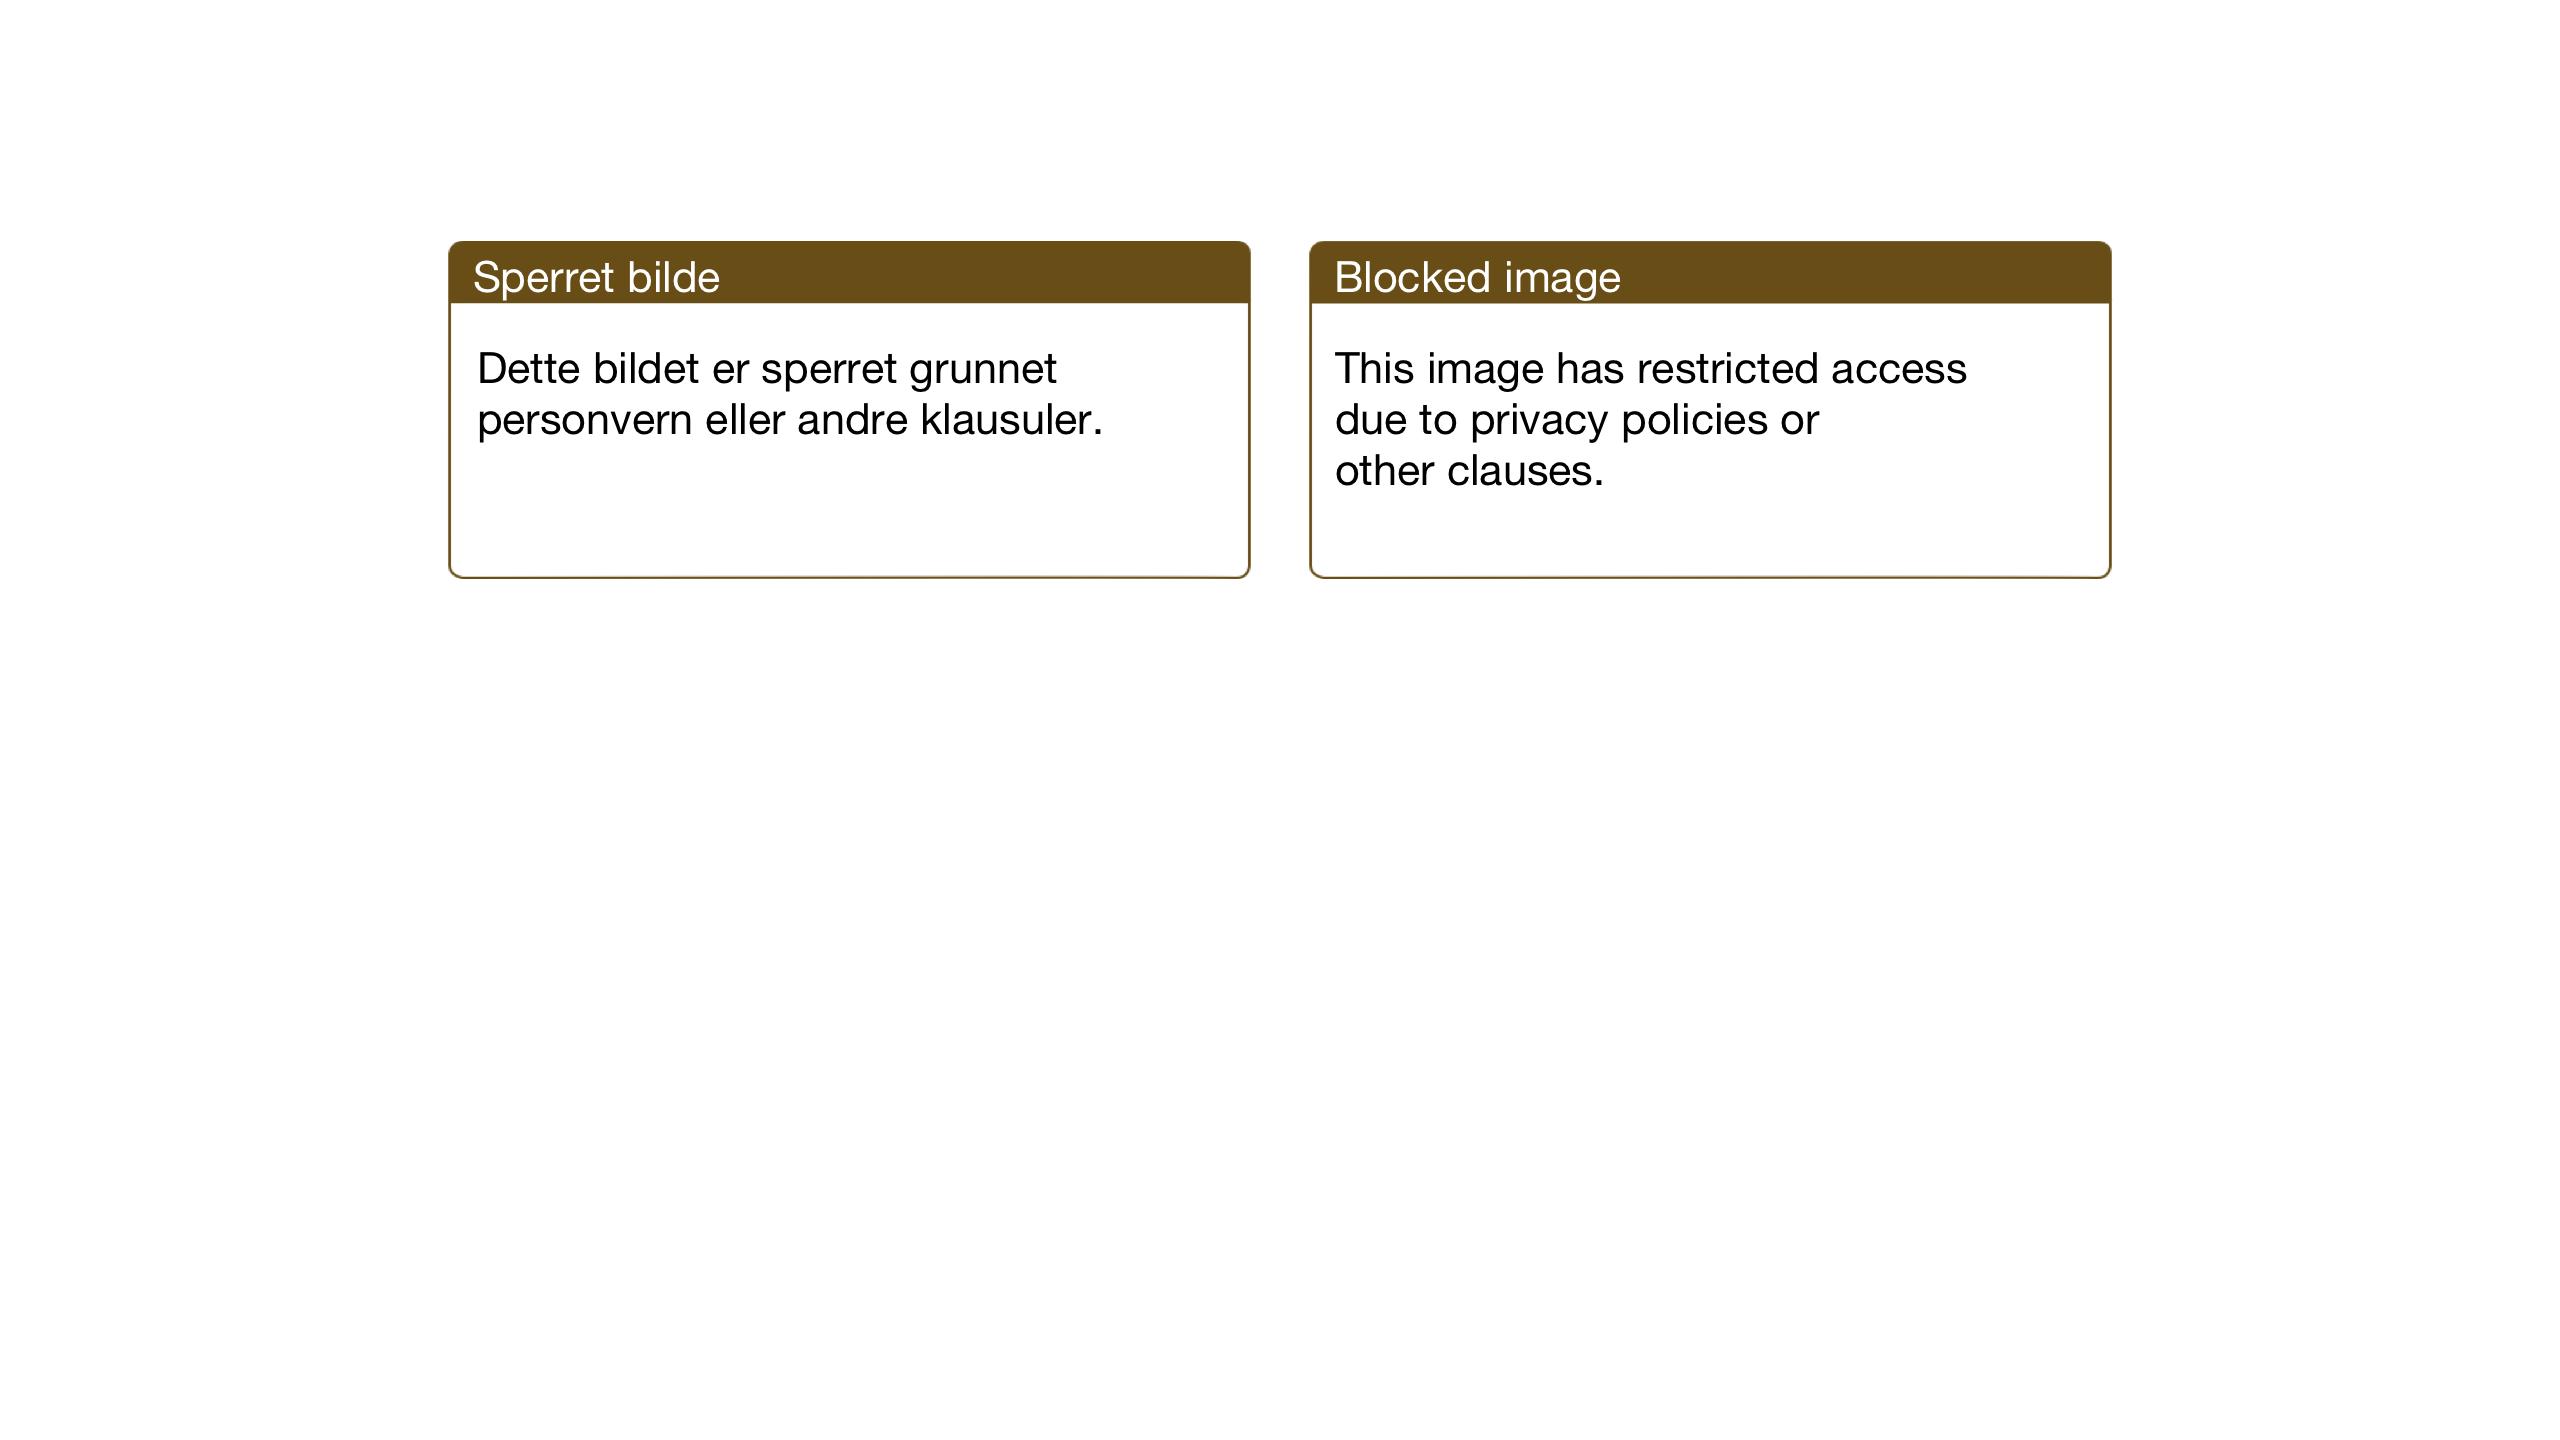 SAT, Ministerialprotokoller, klokkerbøker og fødselsregistre - Sør-Trøndelag, 630/L0508: Klokkerbok nr. 630C06, 1933-1950, s. 155